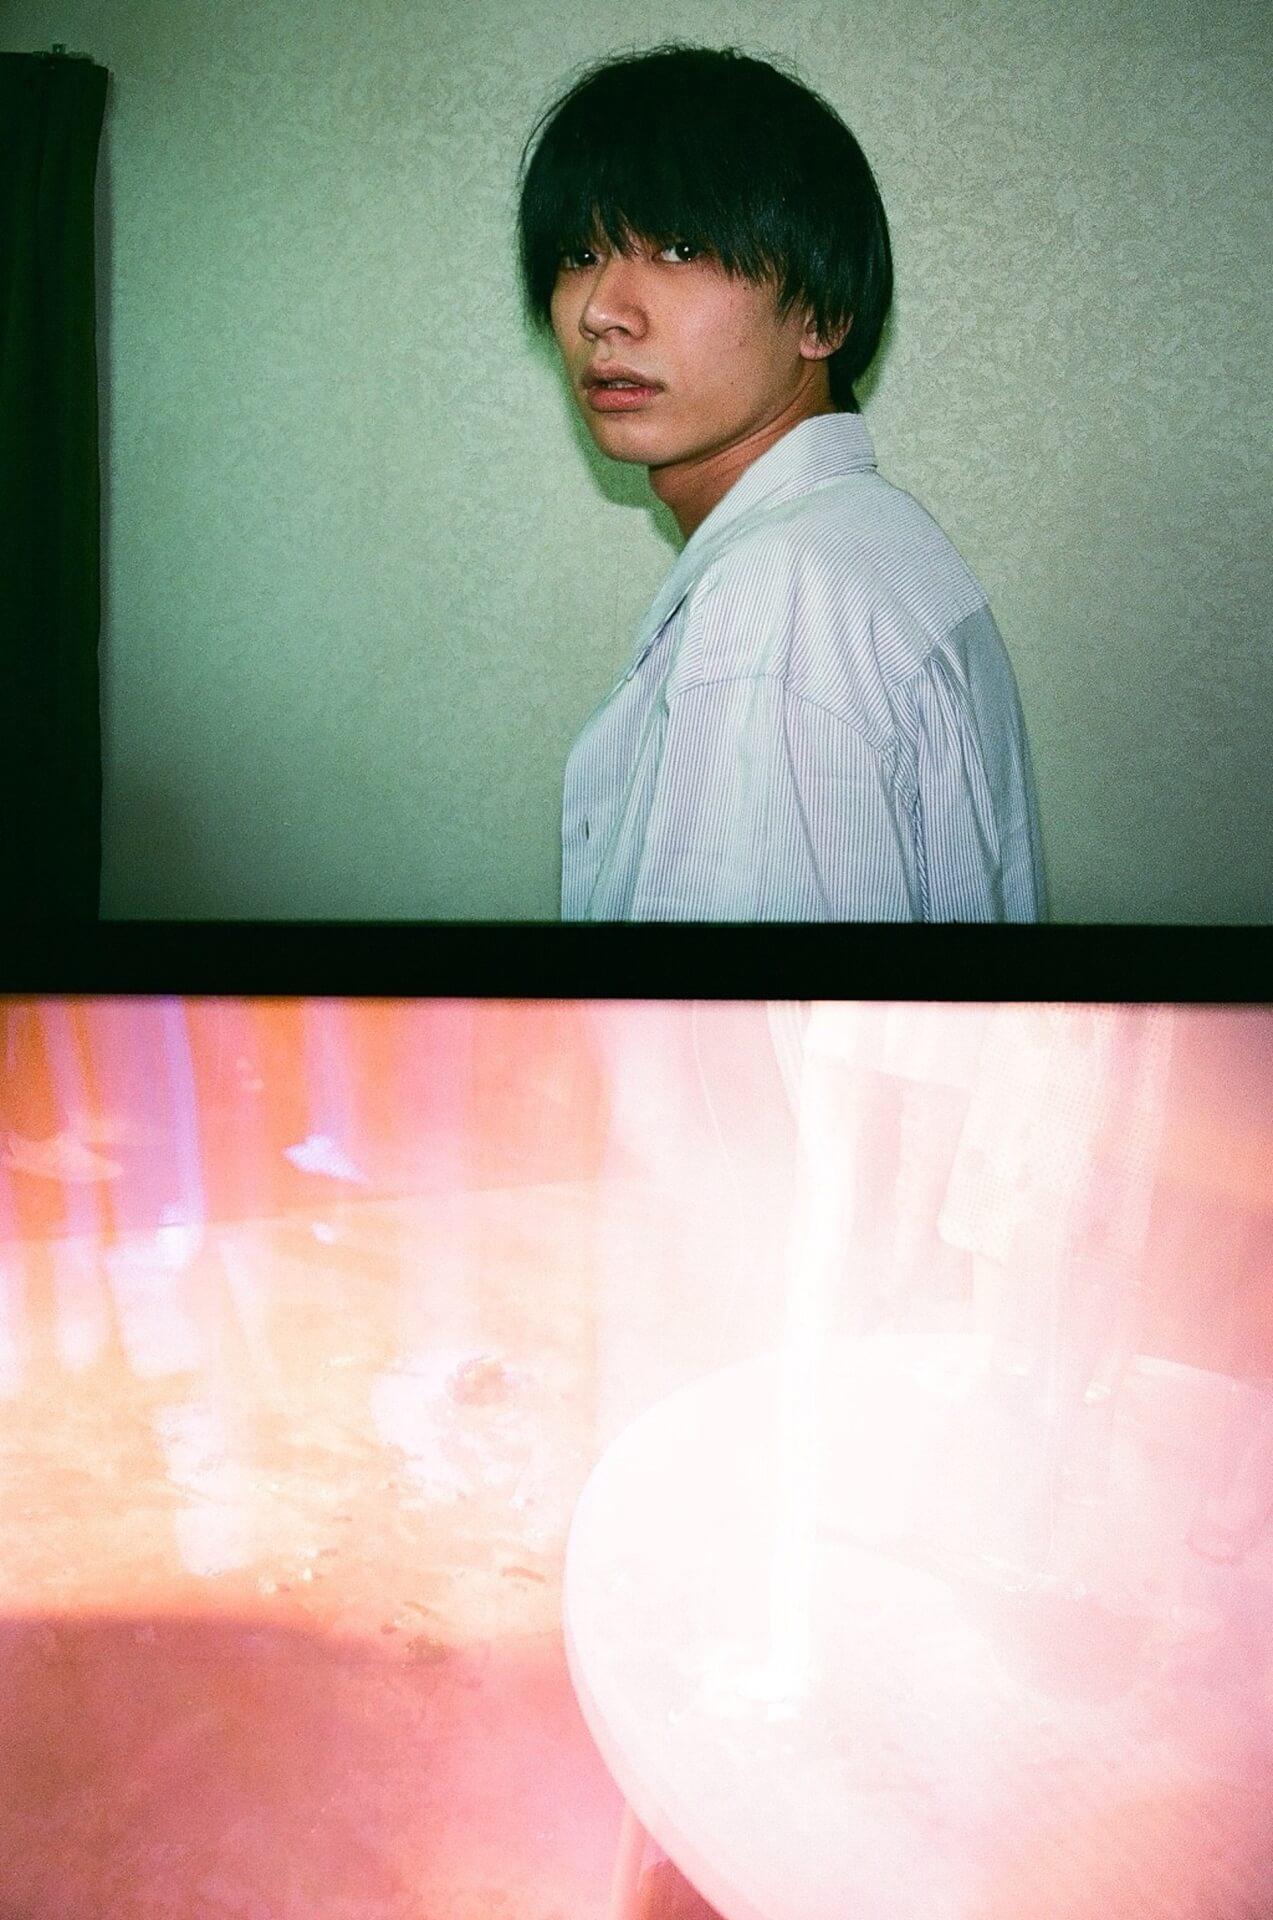 死んだ夢 rarara19018-sindayume-4